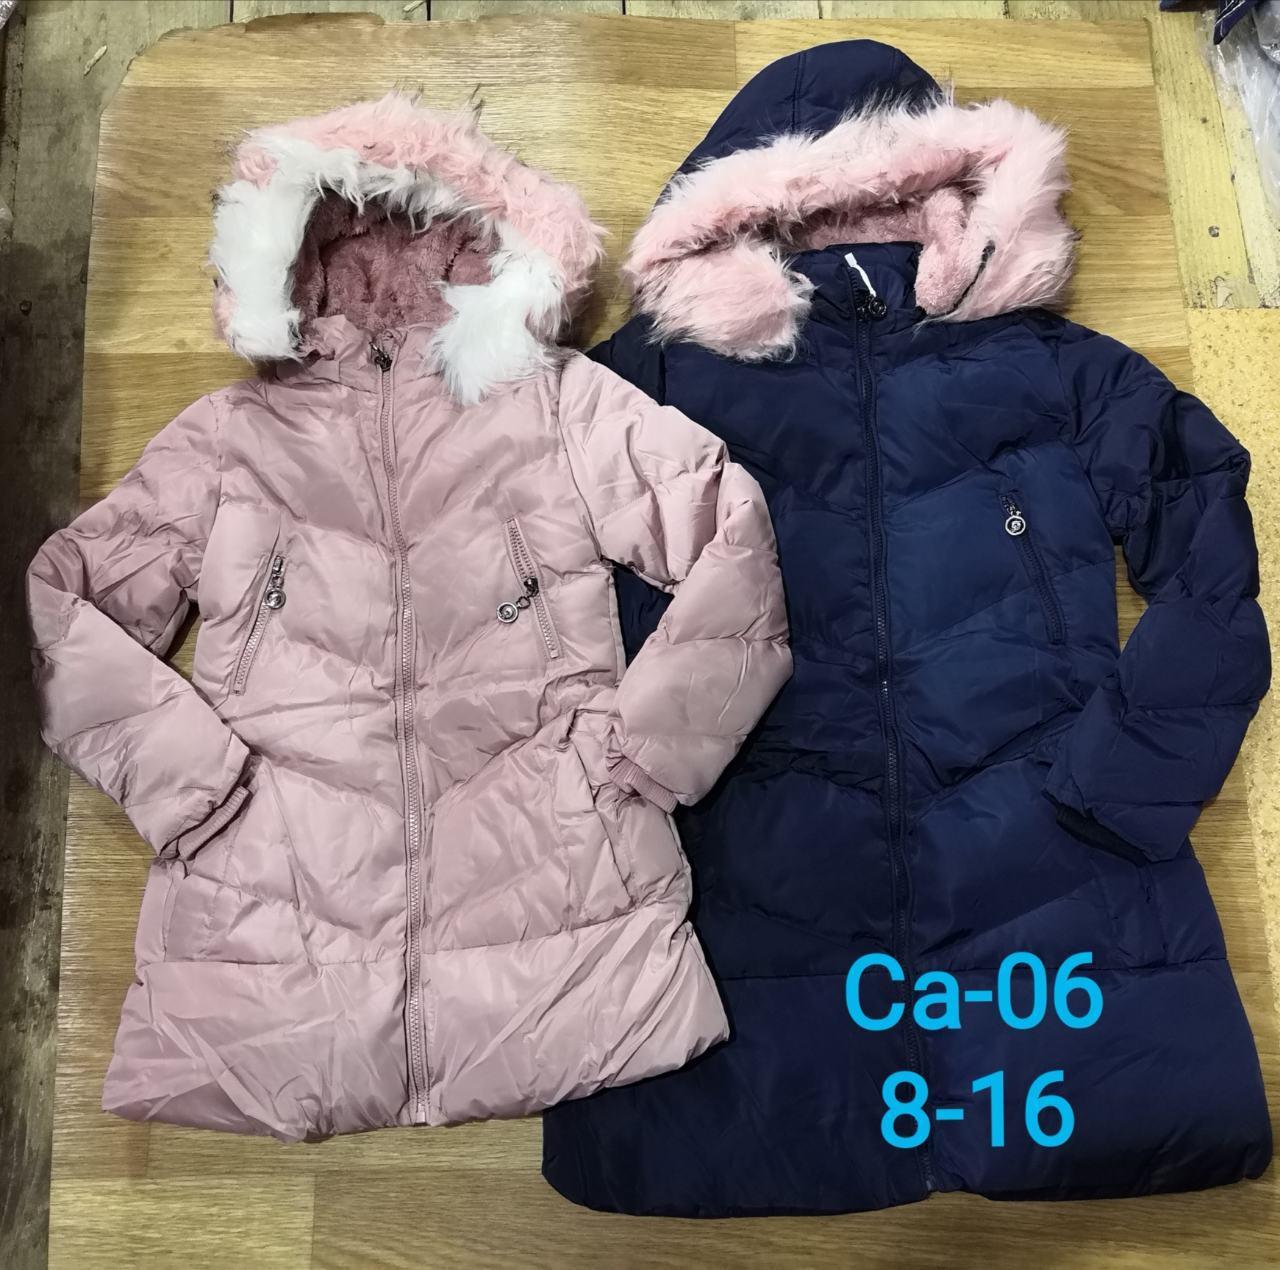 Зимняя куртка-пальто для девочек оптом, 8-16 лет, Sincere, арт. Ca-06